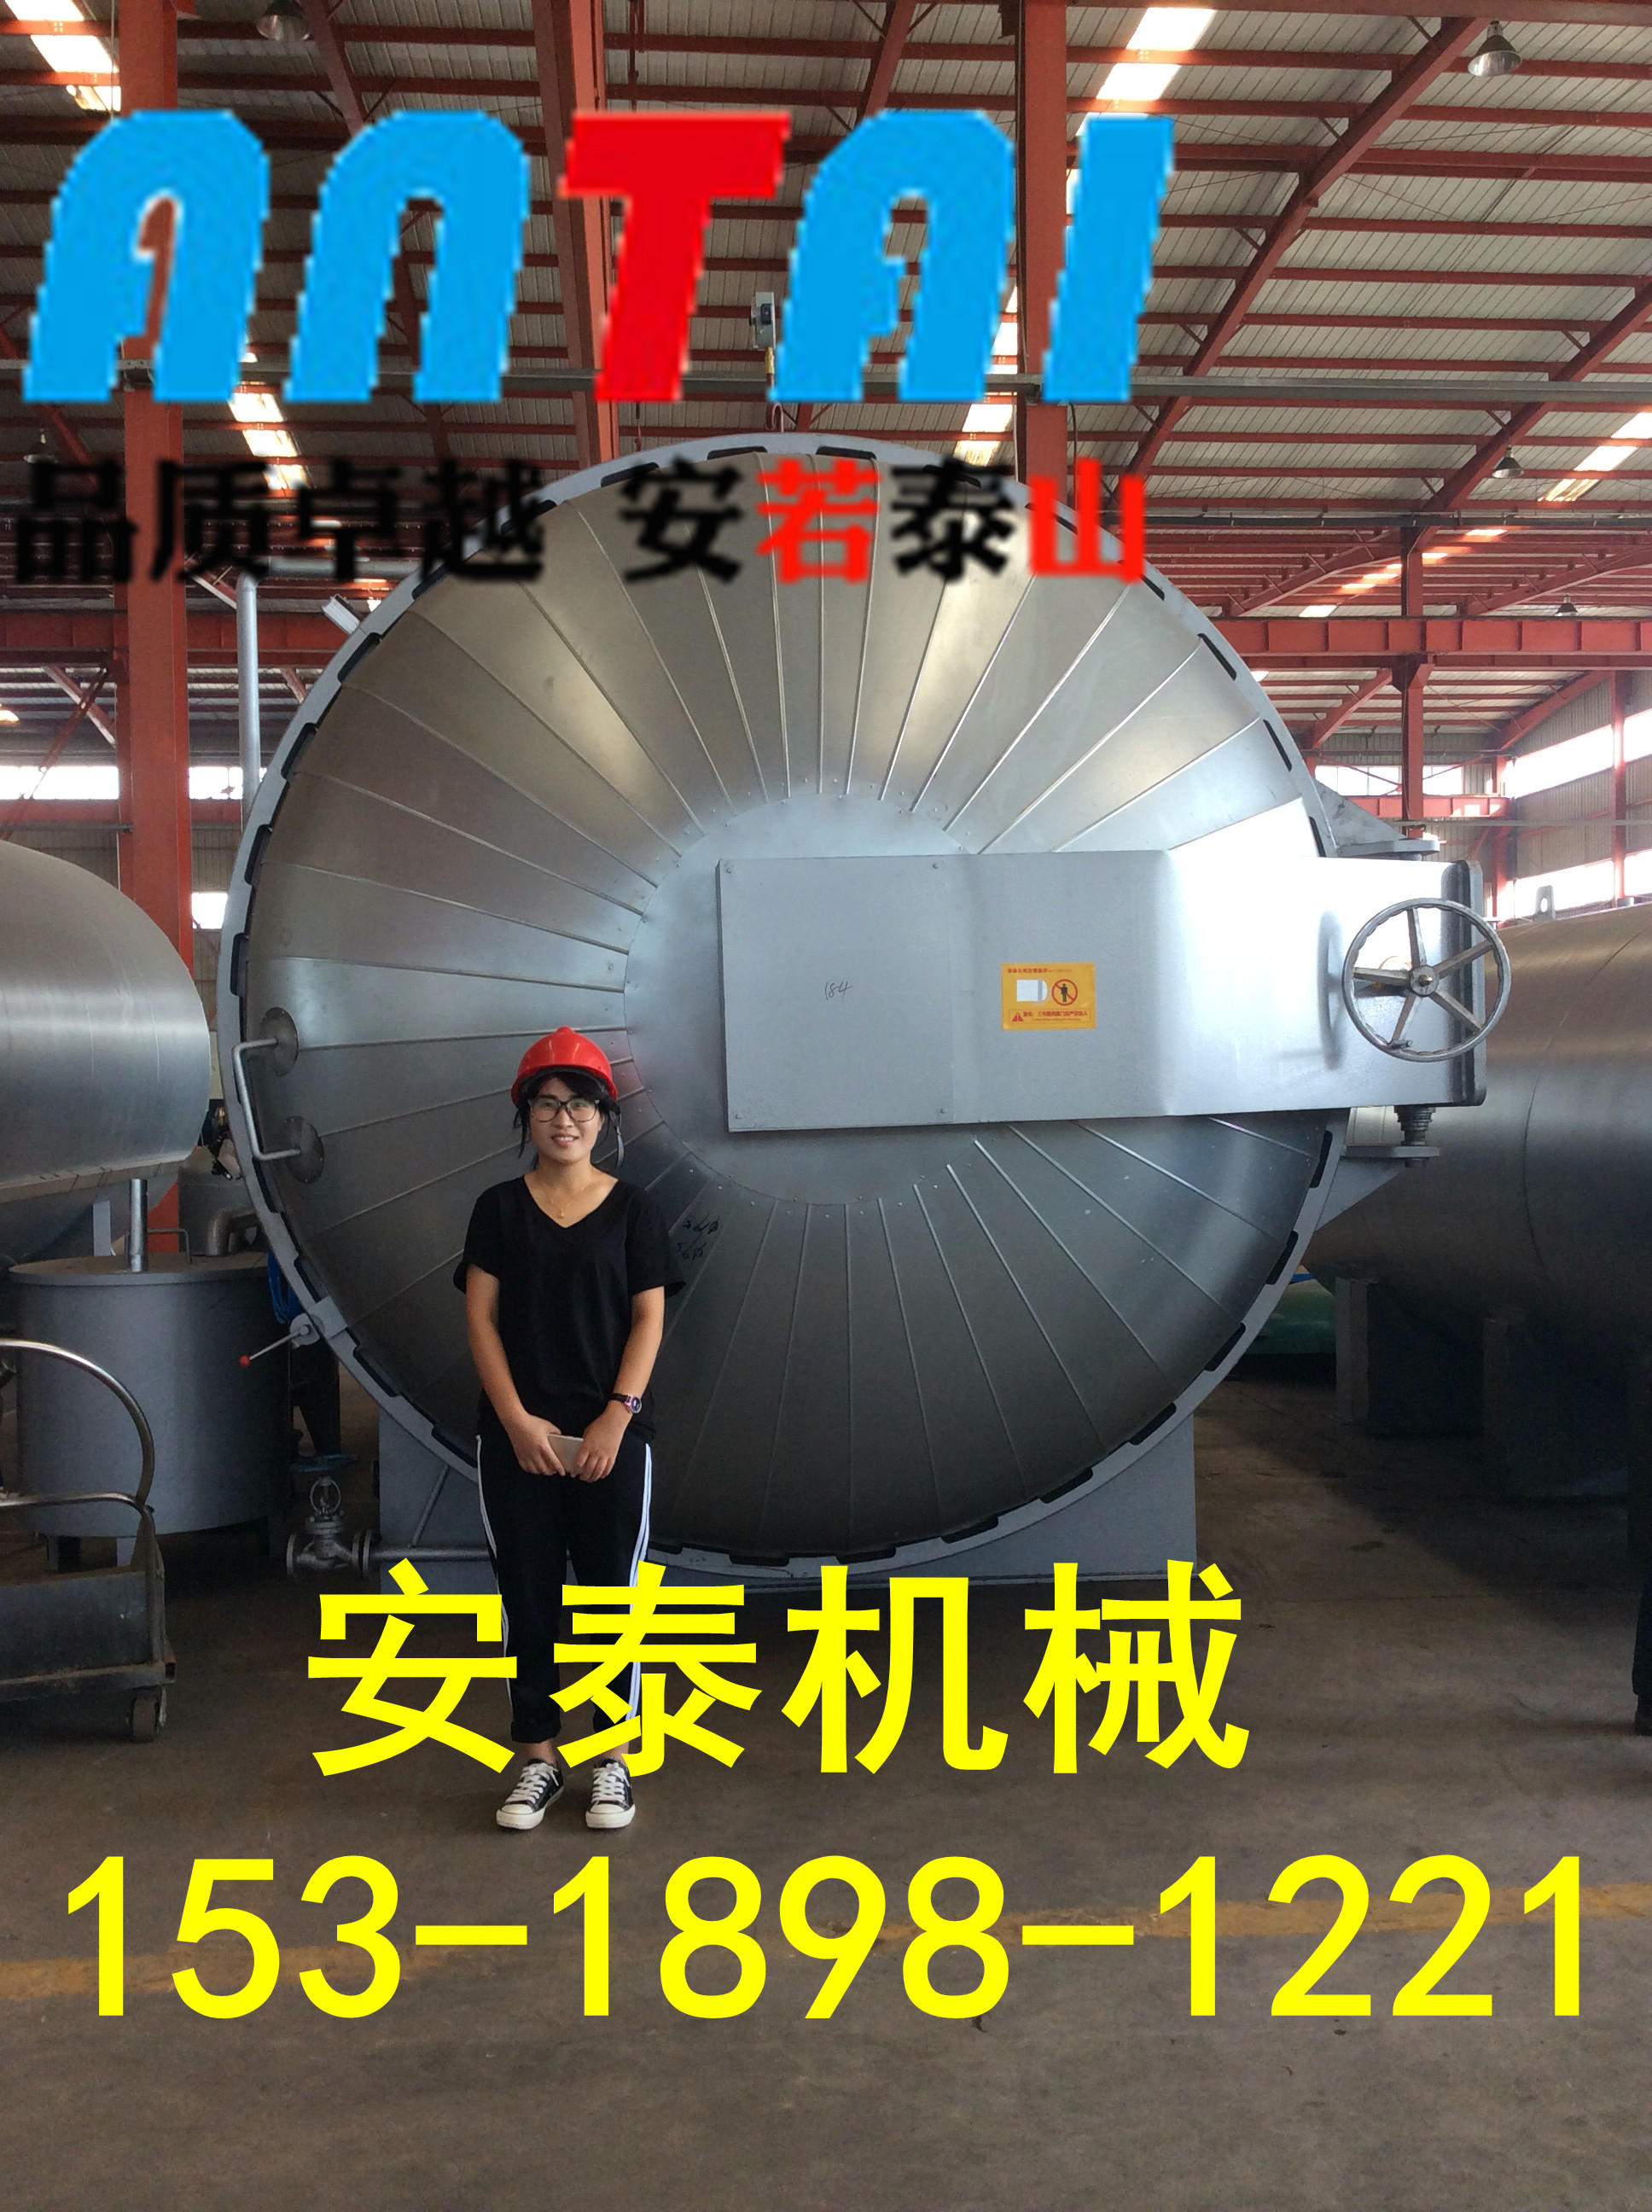 鲁艺10年高端木材真空高压防腐罐 广东橡胶木防腐企业认准厂家